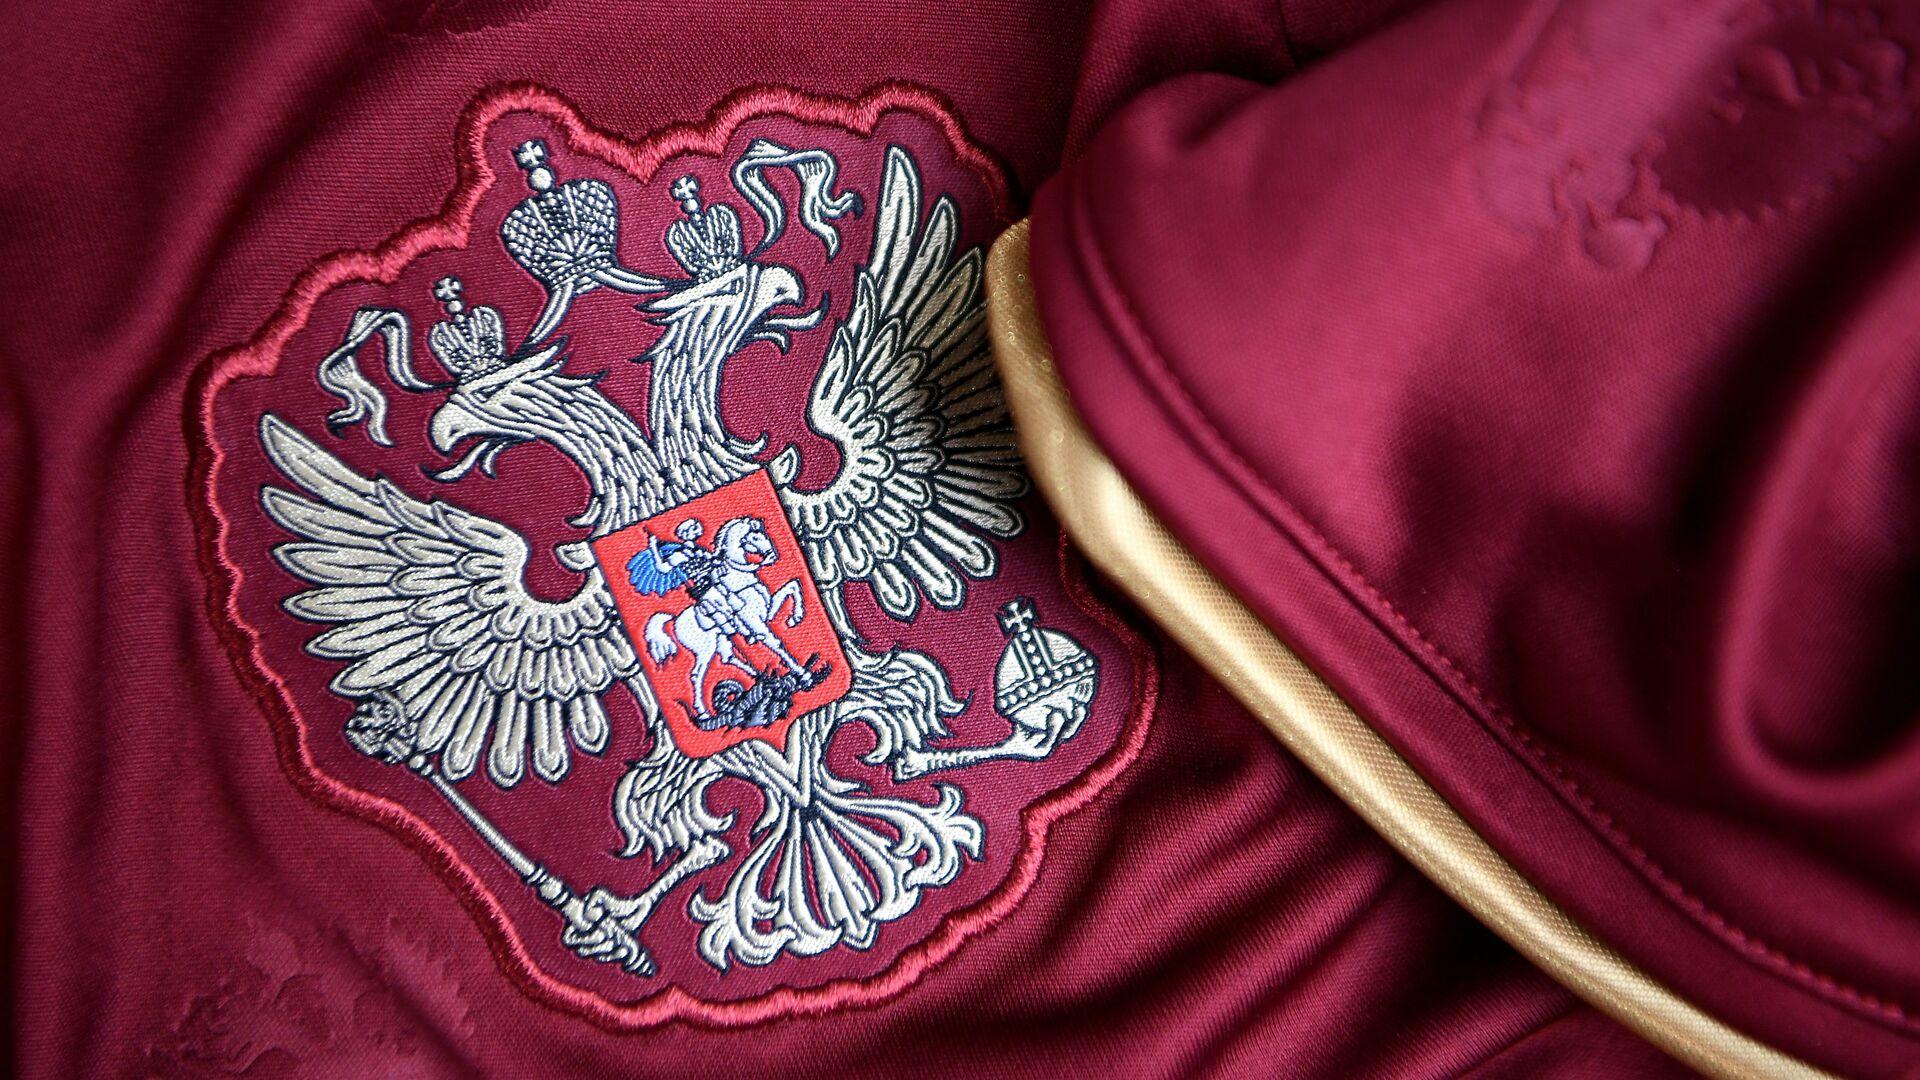 Герб на форме сборной России по футболу - РИА Новости, 1920, 28.01.2021